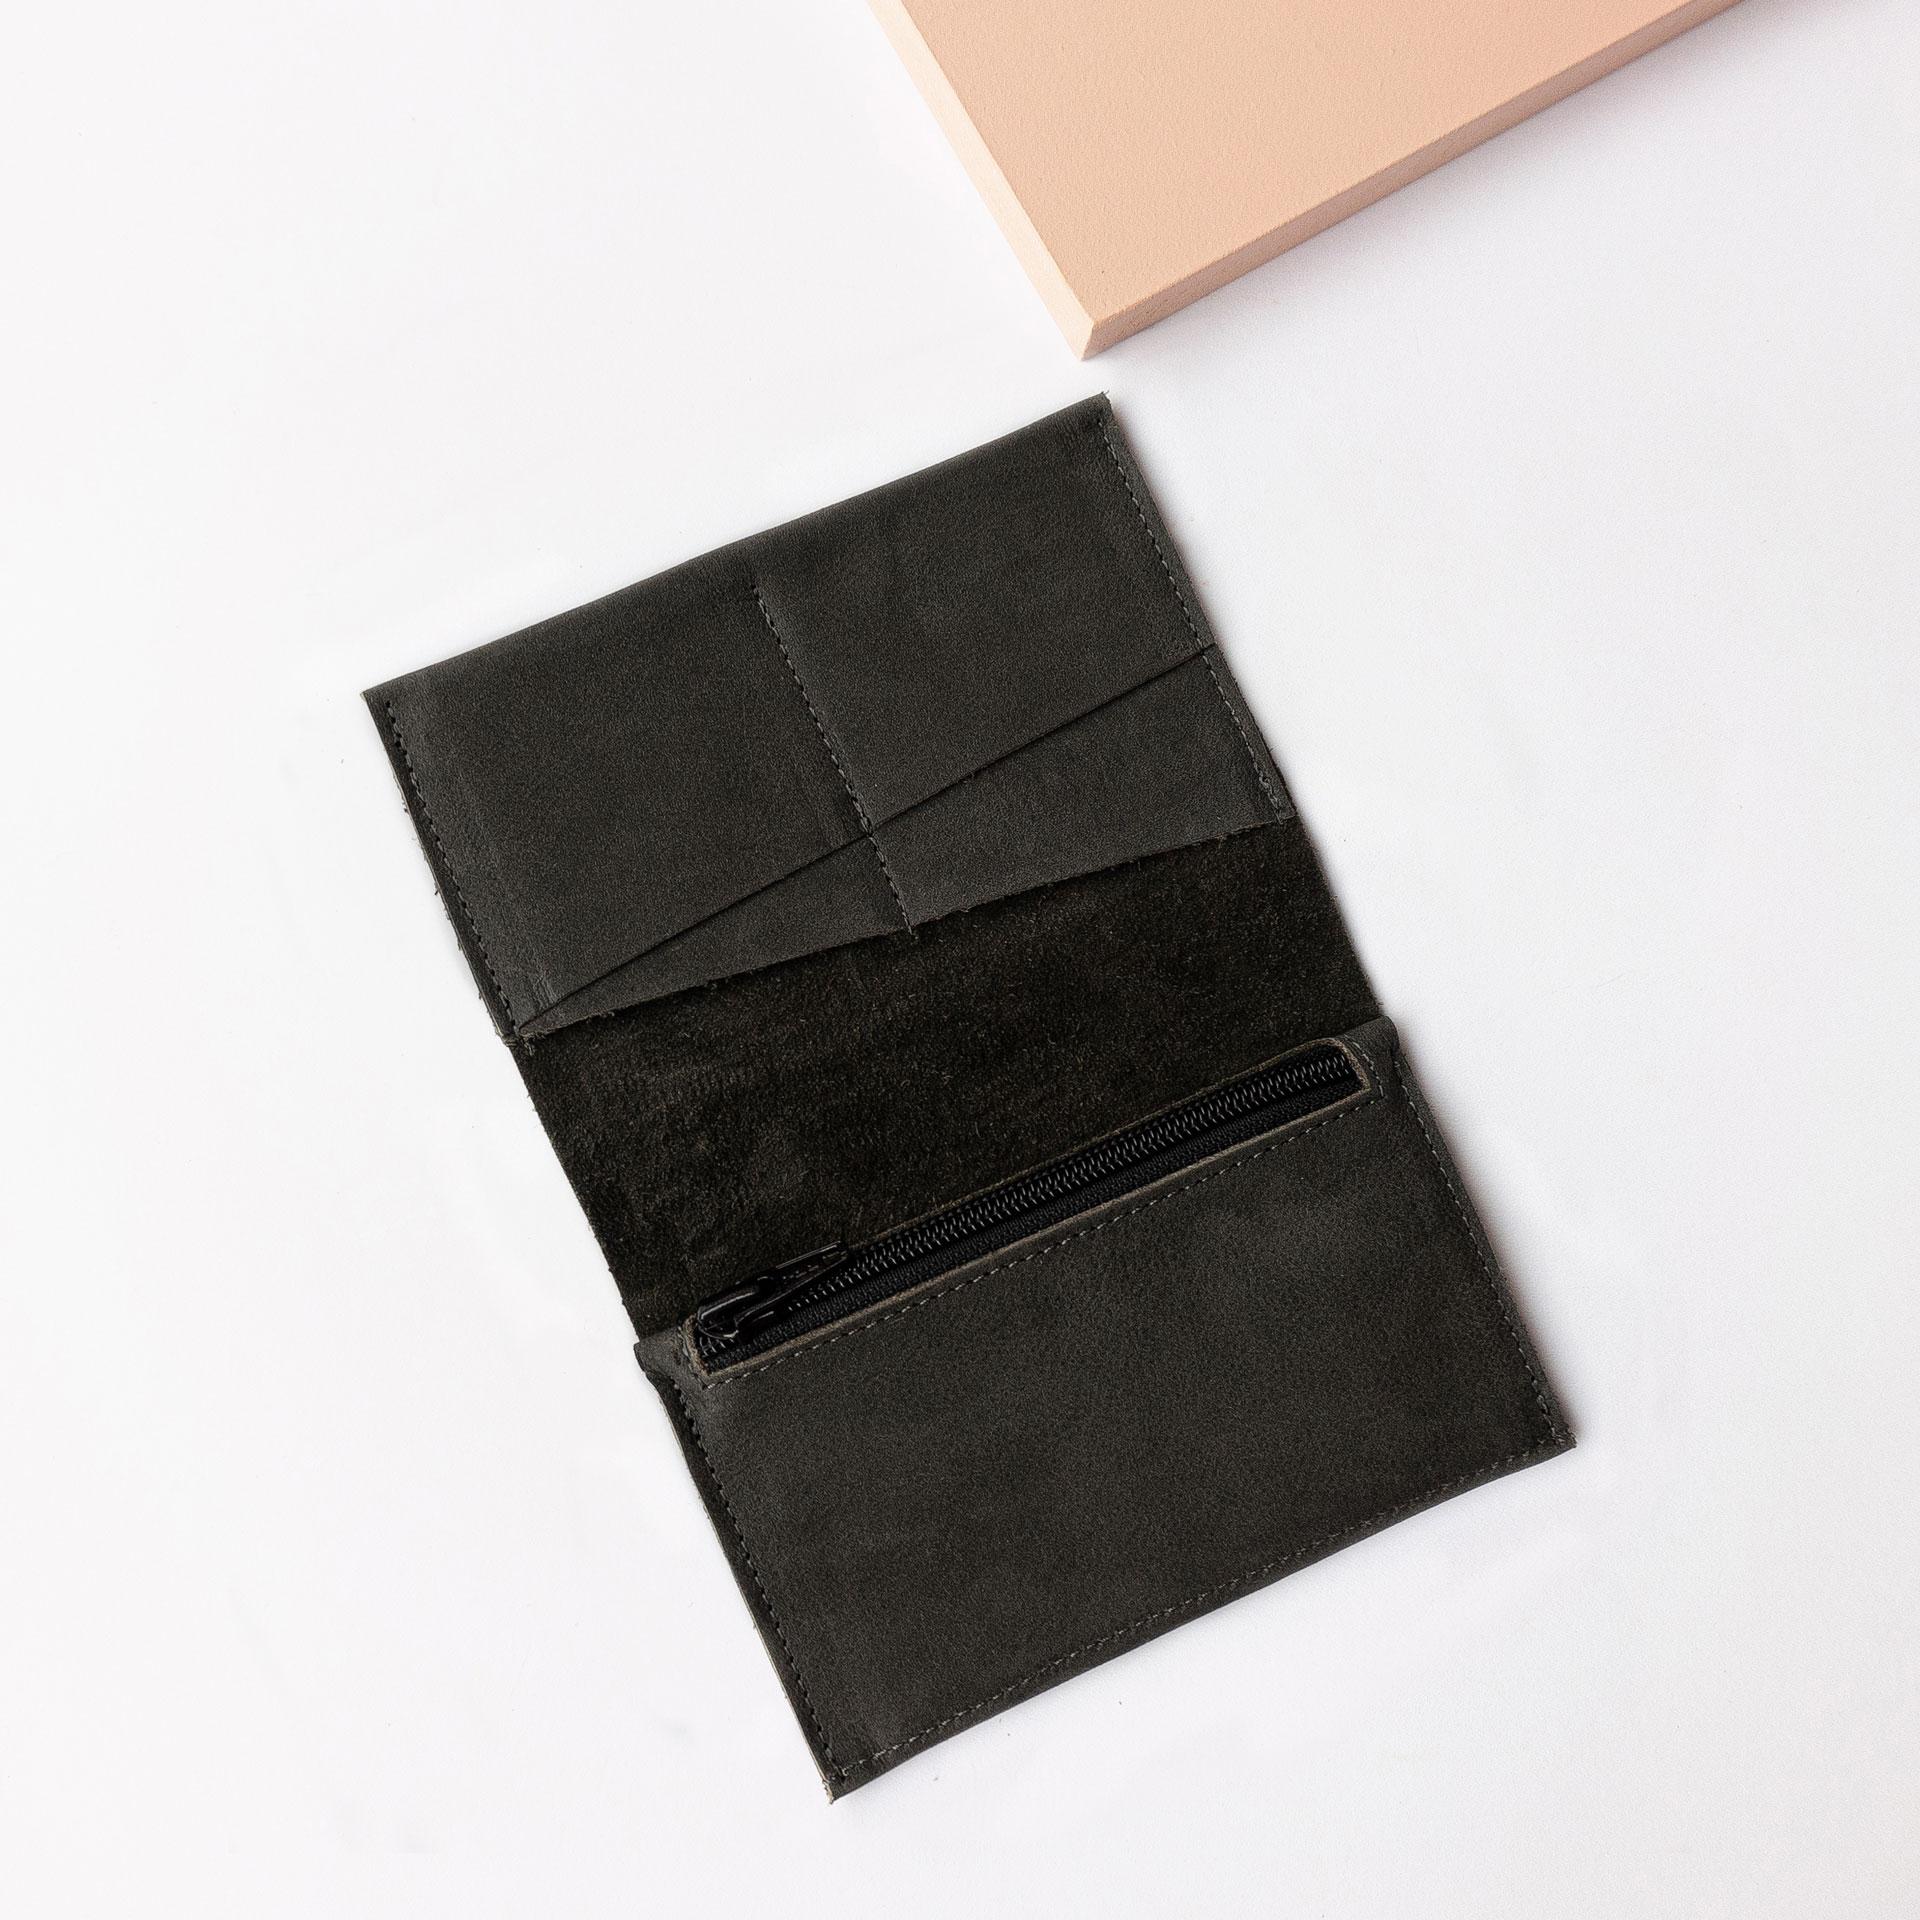 Portemonnaie OLI LARGE aus Naturleder in Kohle aufgeklappt mit Steckfächern und Münzfach